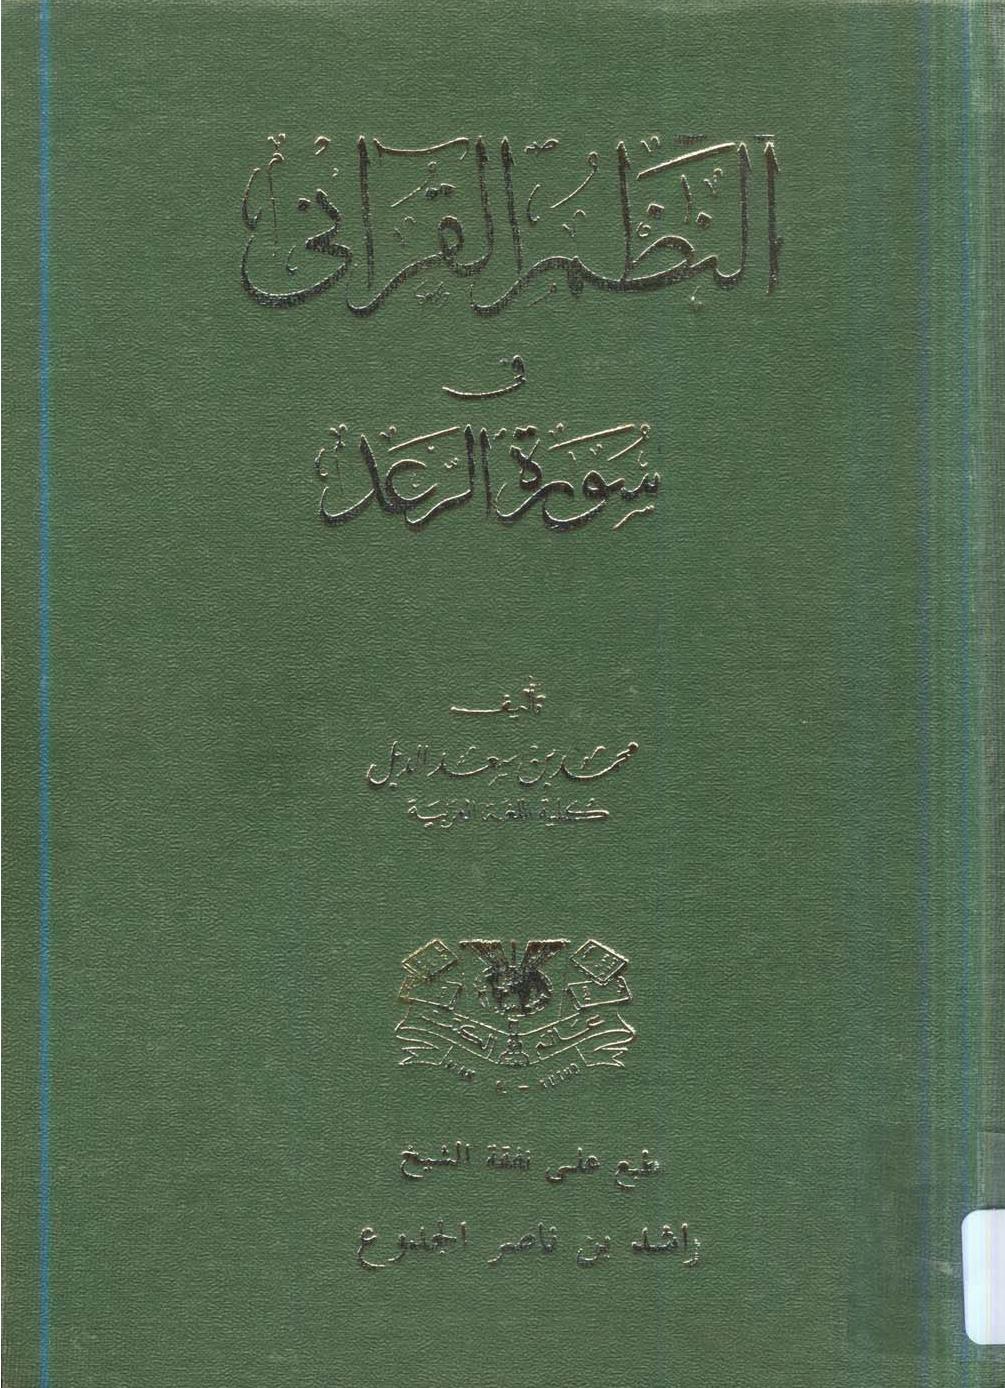 تحميل كتاب النظم القرآني في سورة الرعد لـِ: الدكتور محمد بن سعد بن حسن الدبل (ت 1434)